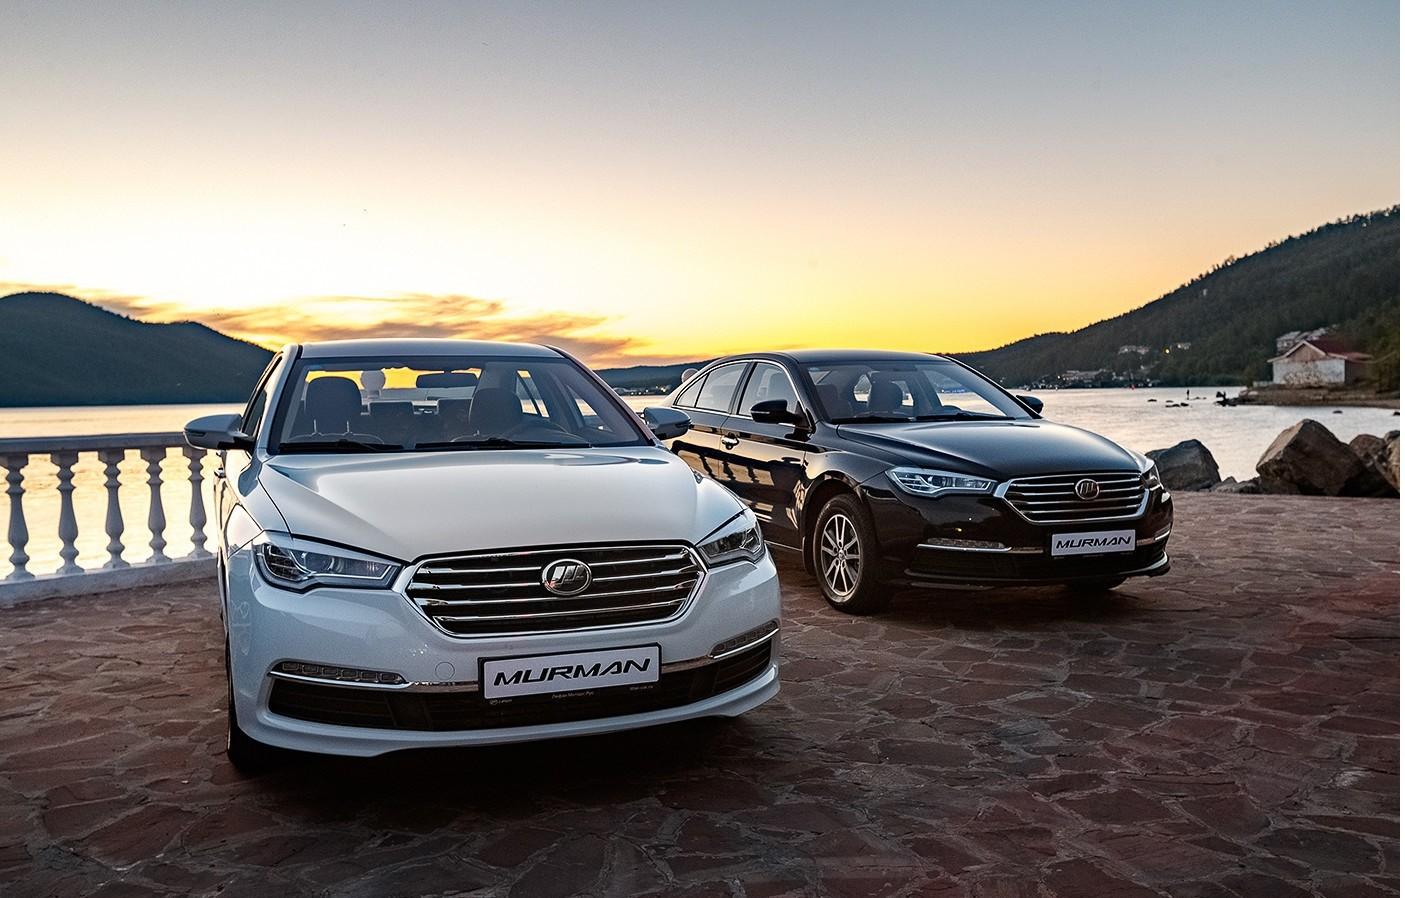 Автомобили Лифан в Российской Федерации сейчас сдистанционным управлением